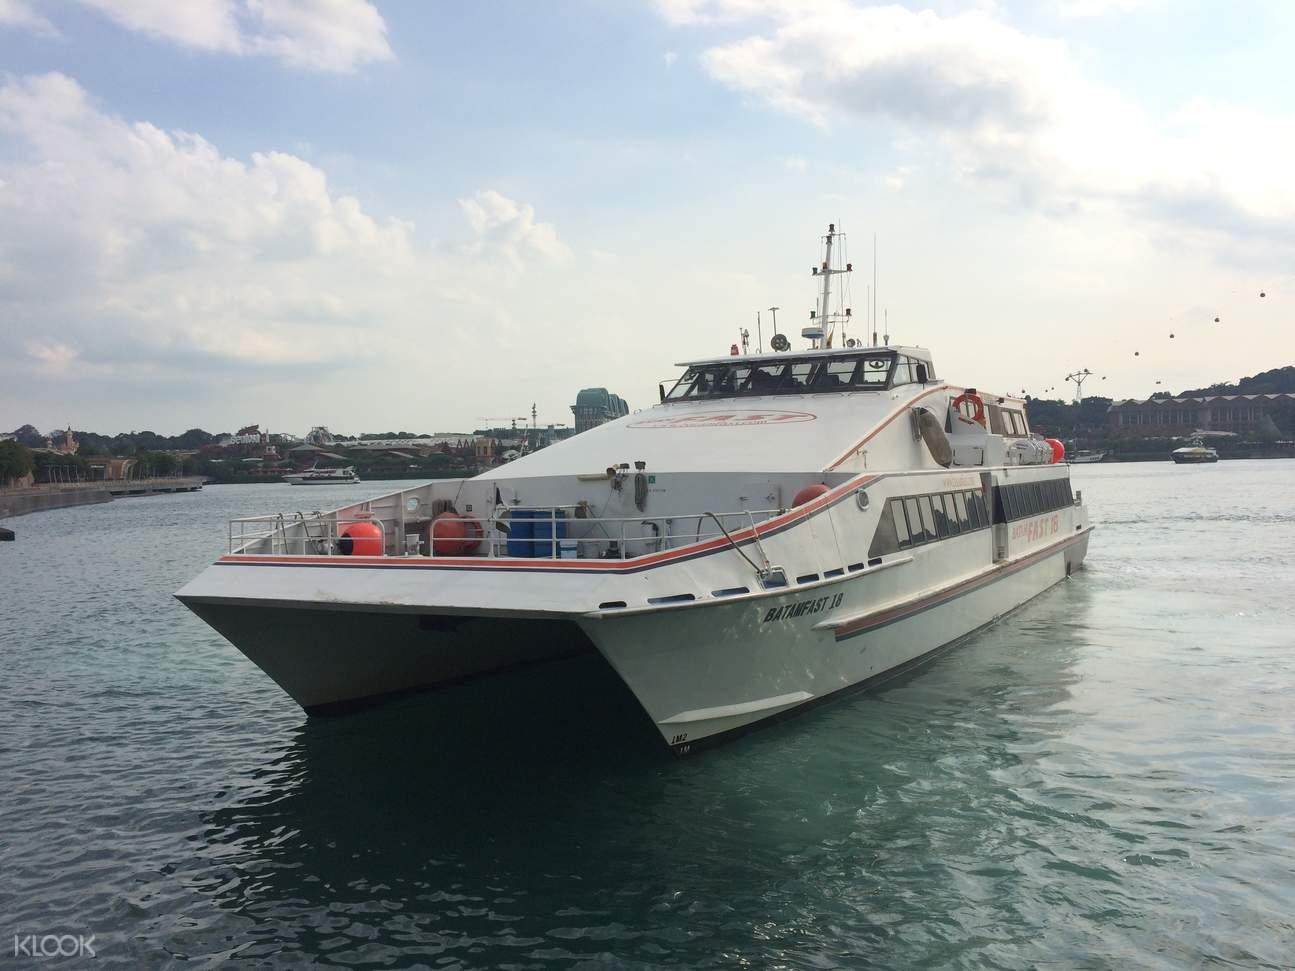 新加坡到巴淡島船票,新加坡至巴淡島船票,新加坡到巴淡島,巴淡島快速渡船